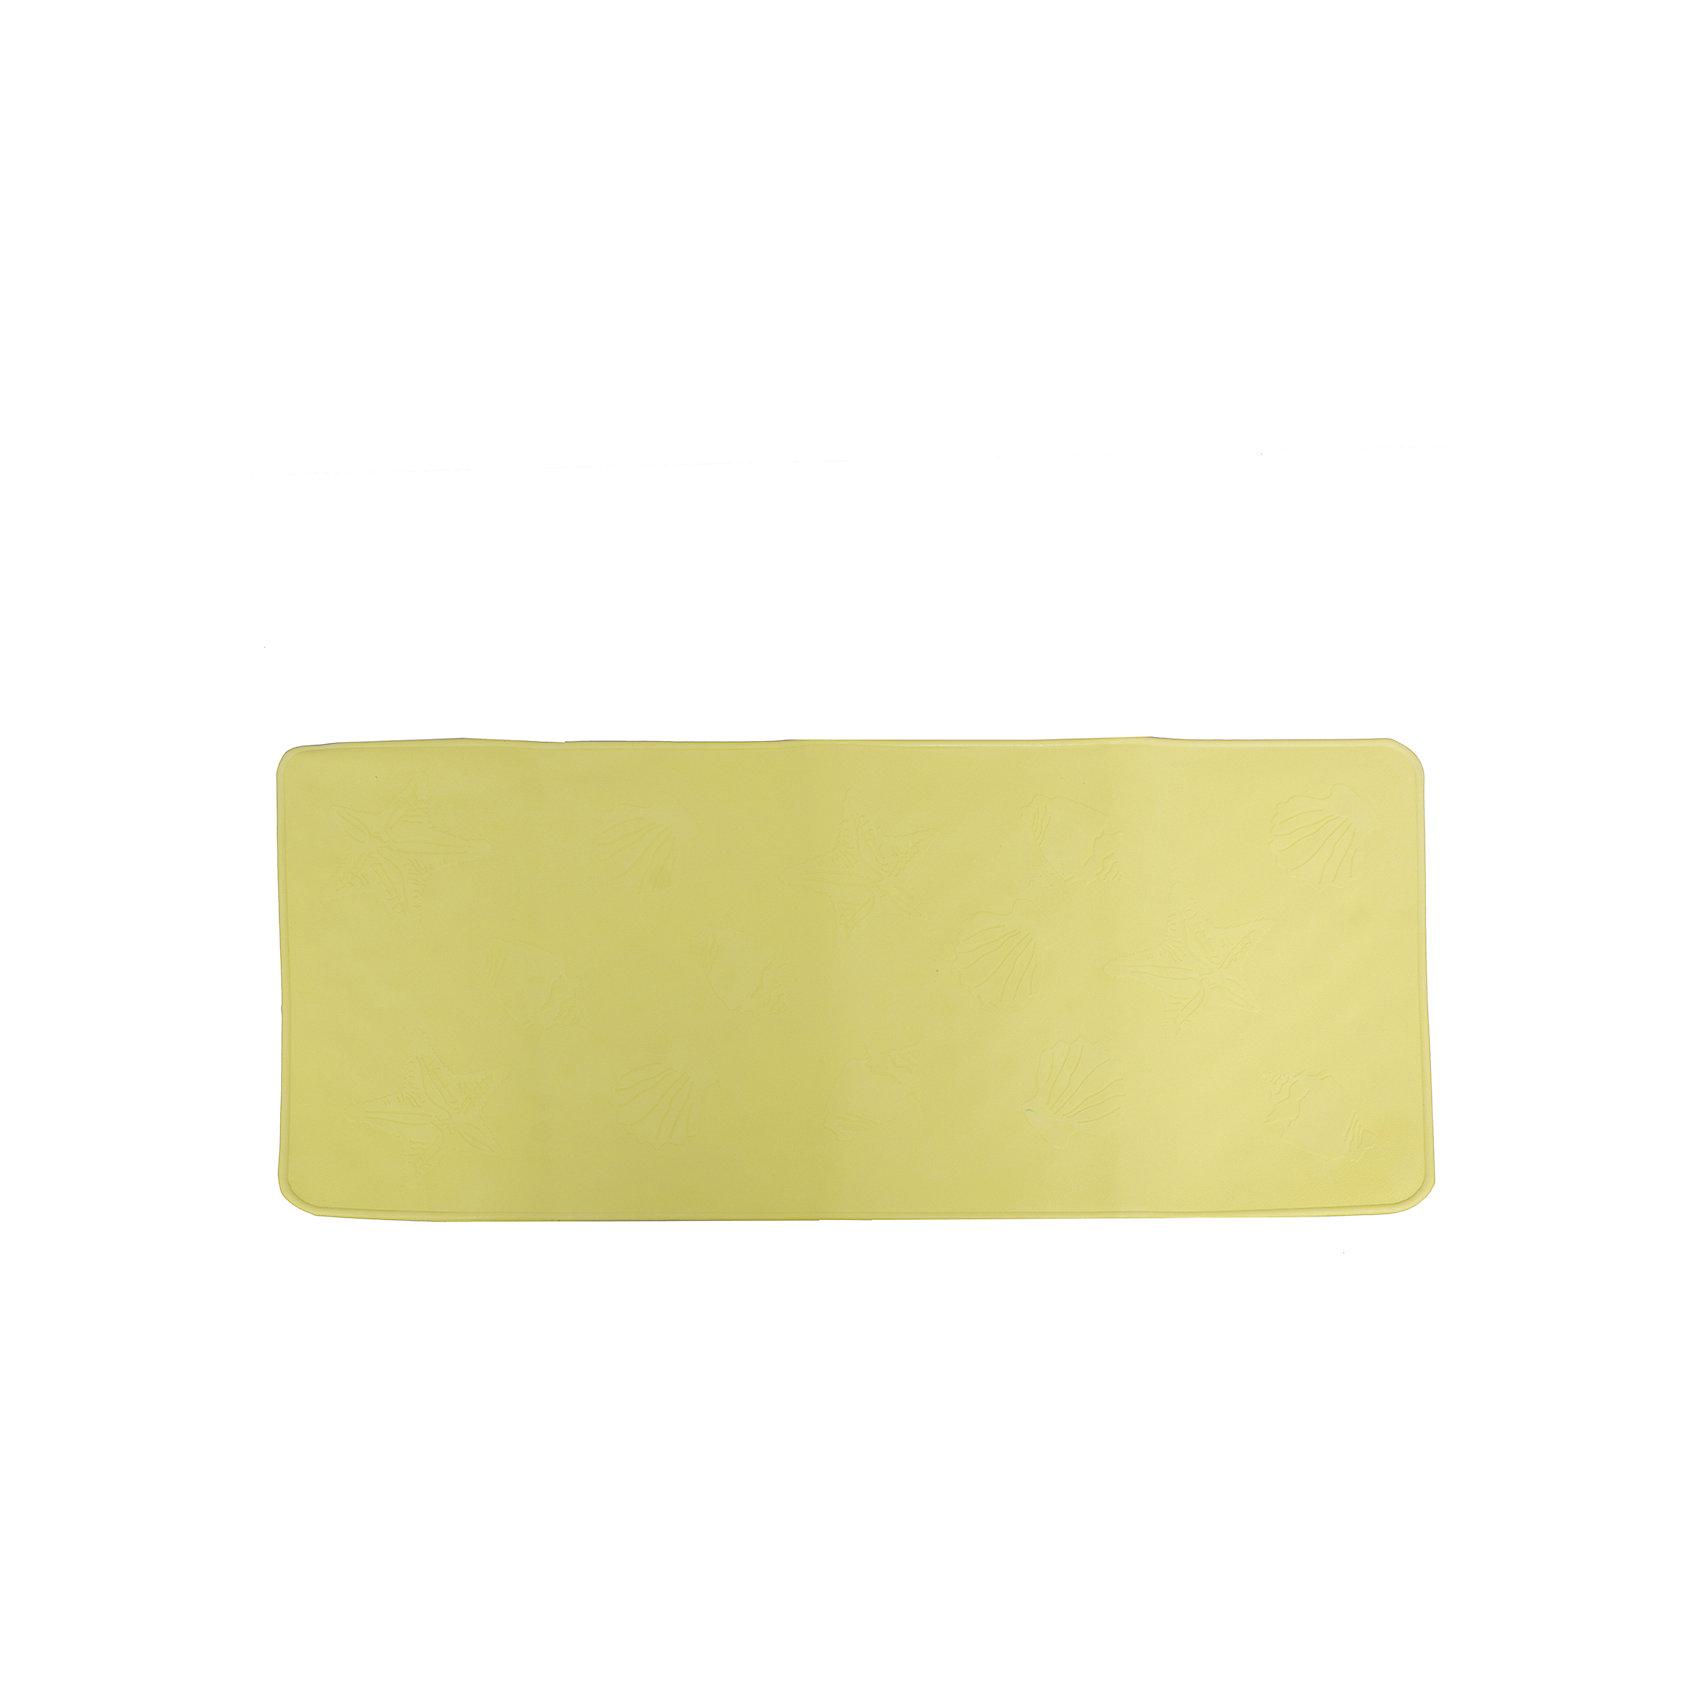 Антискользящий коврик для ванной, Roxy-Kids, салатовыйАнтискользящий коврик для ванны, Roxy-Kids<br>Противоскользящие коврики для ванны созданы специально для детей и призваны обеспечить комфортное и безопасное купание малышей в ванне. Они обладают целым рядом важных преимуществ:<br>- мягкие присоски надежно прикрепляют коврик ко дну ванны и не дают ему скользить по ванне, как бы активно ни двигался малыш; <br>- специальное покрытие препятствует скольжению ног или тела ребенка по коврику; <br>- поверхность коврика имеет рельефные элементы, обеспечивающие массажные функции, благодаря которым, купание малыша в ванне станет не только простым и безопасным, но еще и полезным.<br>Дополнительная информация:<br>- размеры 34х74 см.;<br>- сделаны из 100% натуральной резины без применения токсичного сырья.<br><br>Антискользящий  коврик для ванны можно купить в нашем интернет-магазине.<br><br>Ширина мм: 340<br>Глубина мм: 740<br>Высота мм: 10<br>Вес г: 300<br>Возраст от месяцев: 6<br>Возраст до месяцев: 84<br>Пол: Унисекс<br>Возраст: Детский<br>SKU: 5282140